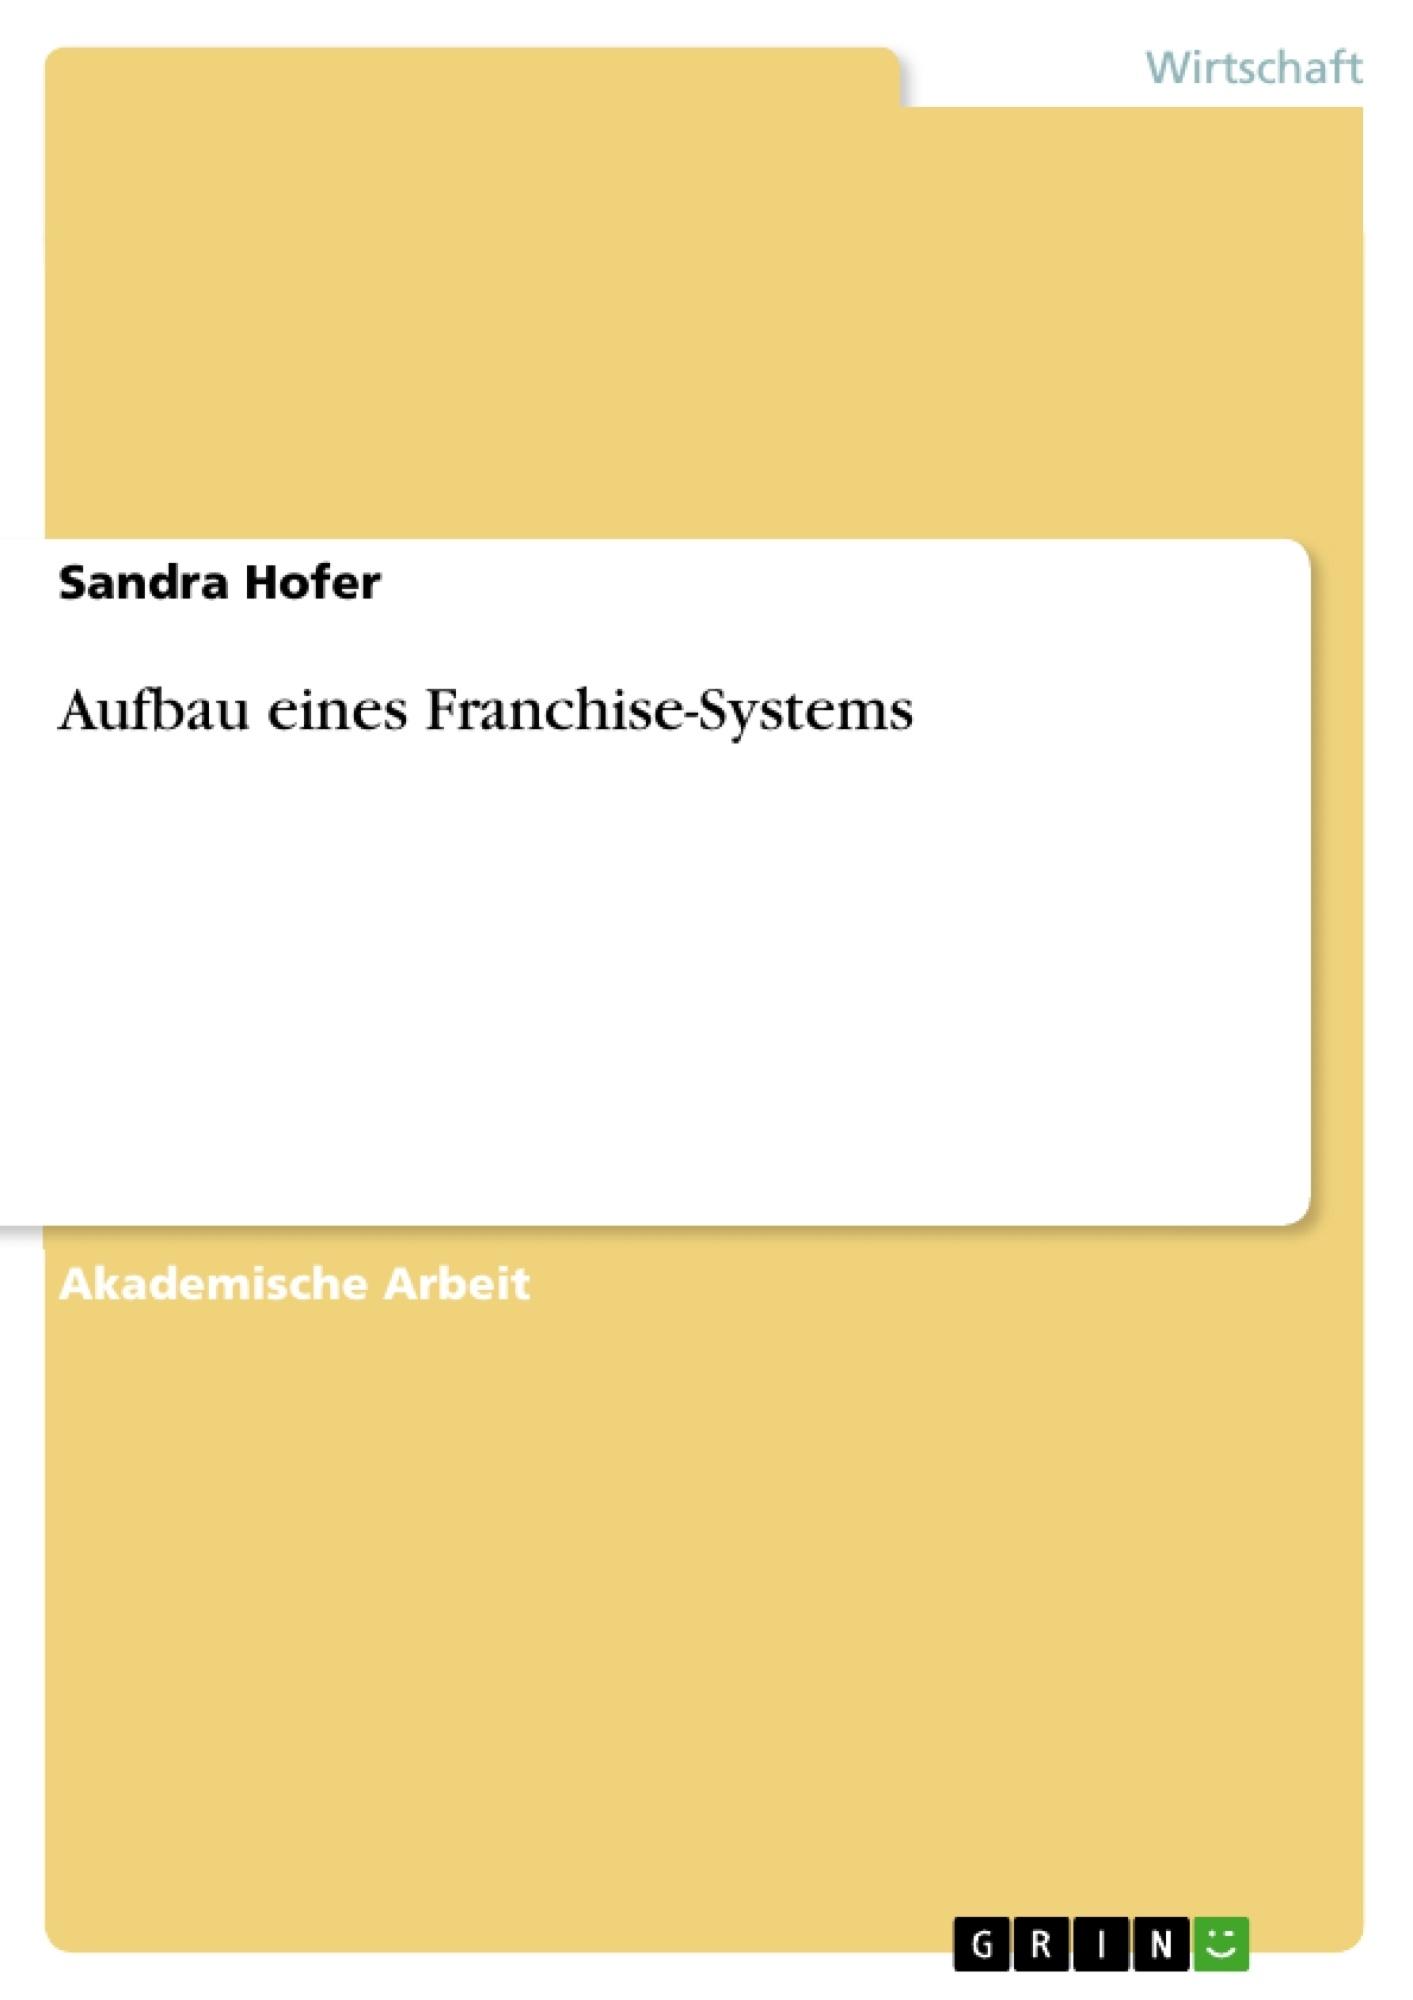 Titel: Aufbau eines Franchise-Systems